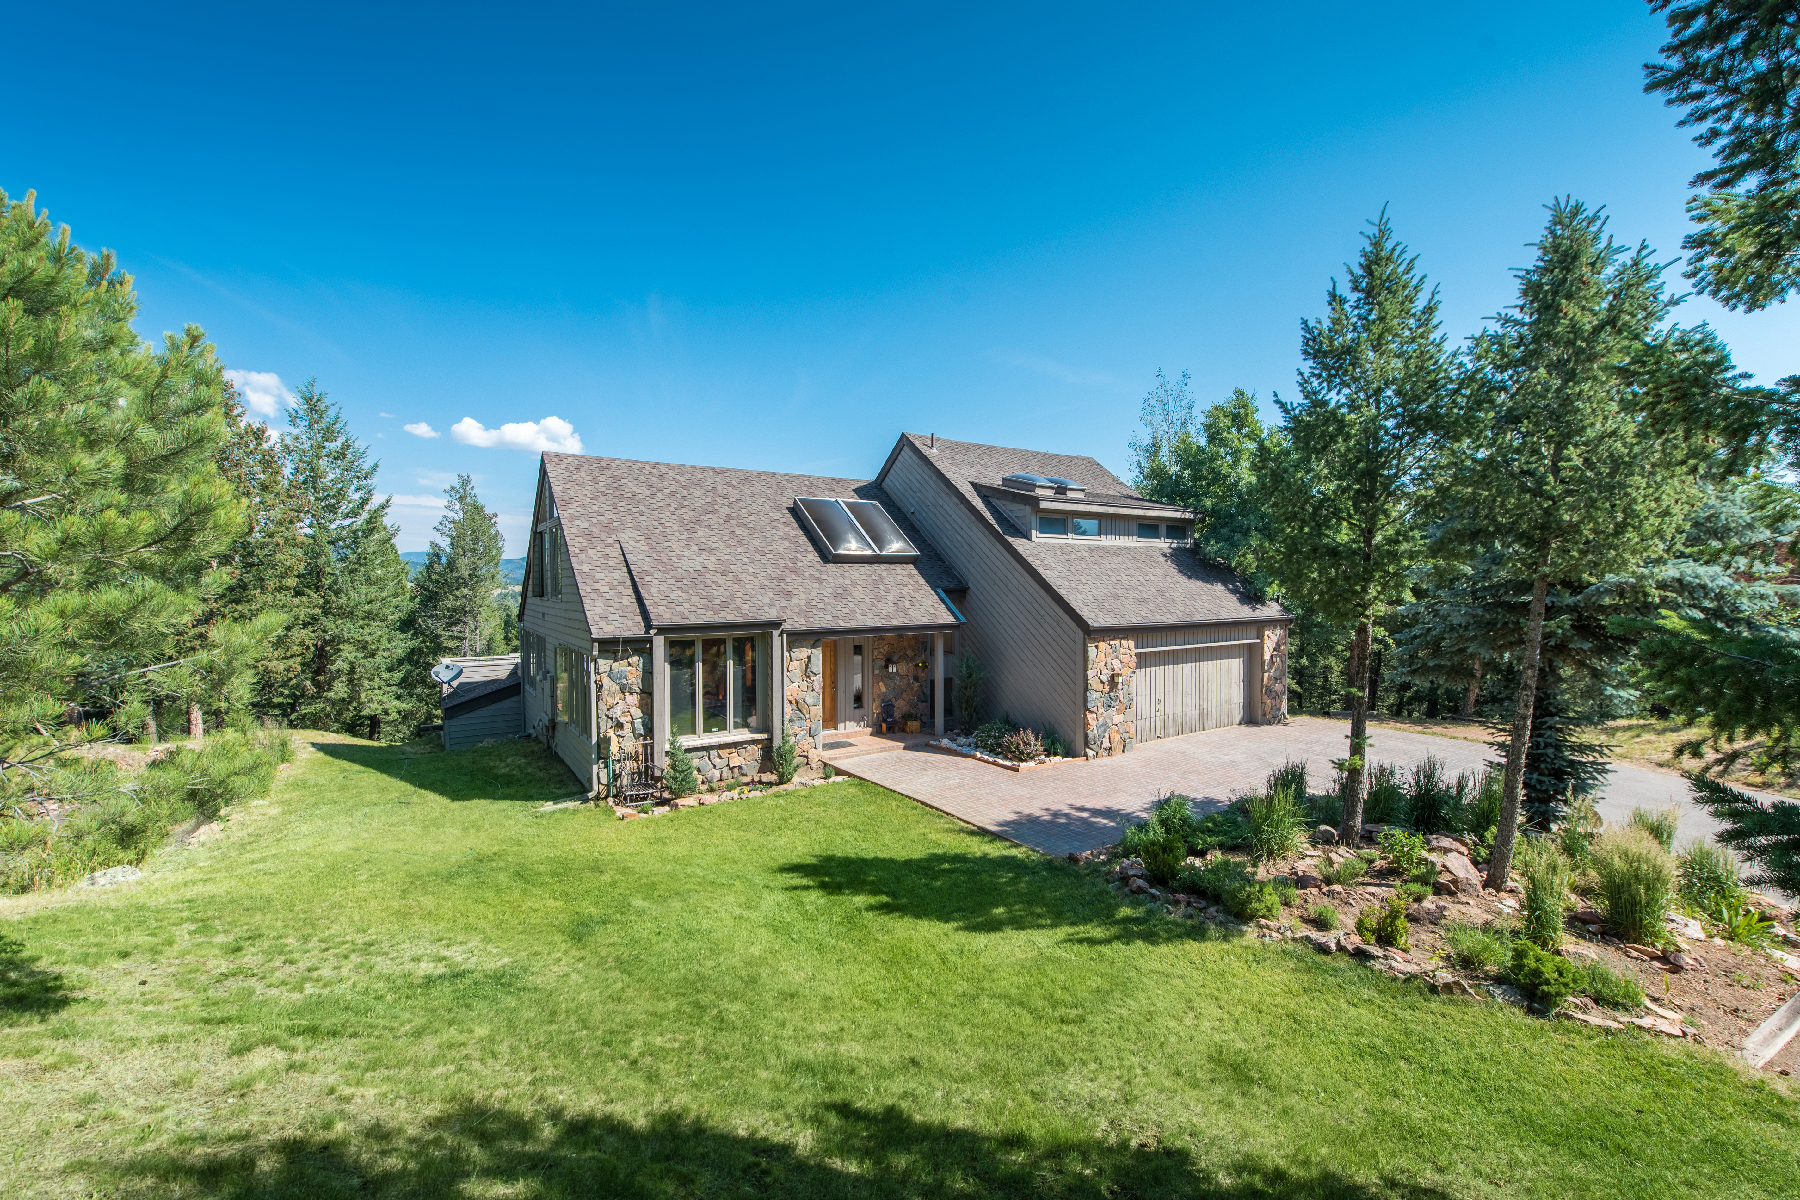 Частный односемейный дом для того Продажа на Easy Mountain Living 32520 Woodland Evergreen, Колорадо, 80439 Соединенные Штаты